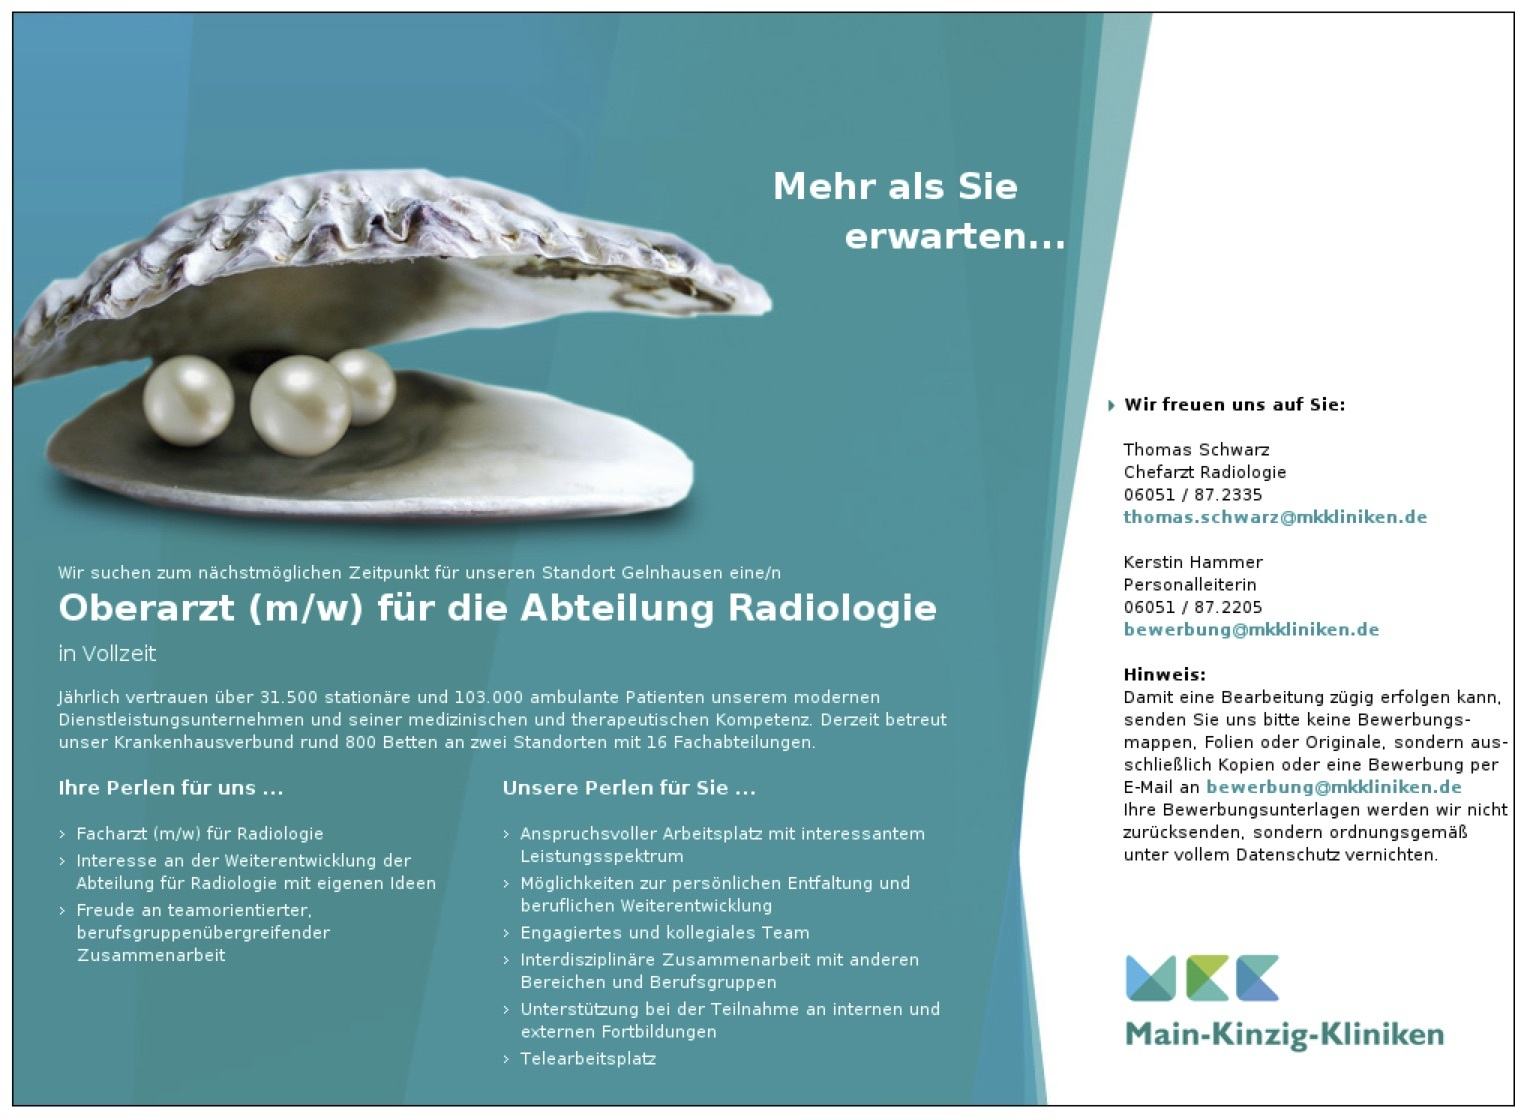 Oberarzt (m/w) für die Abteilung Radiologie